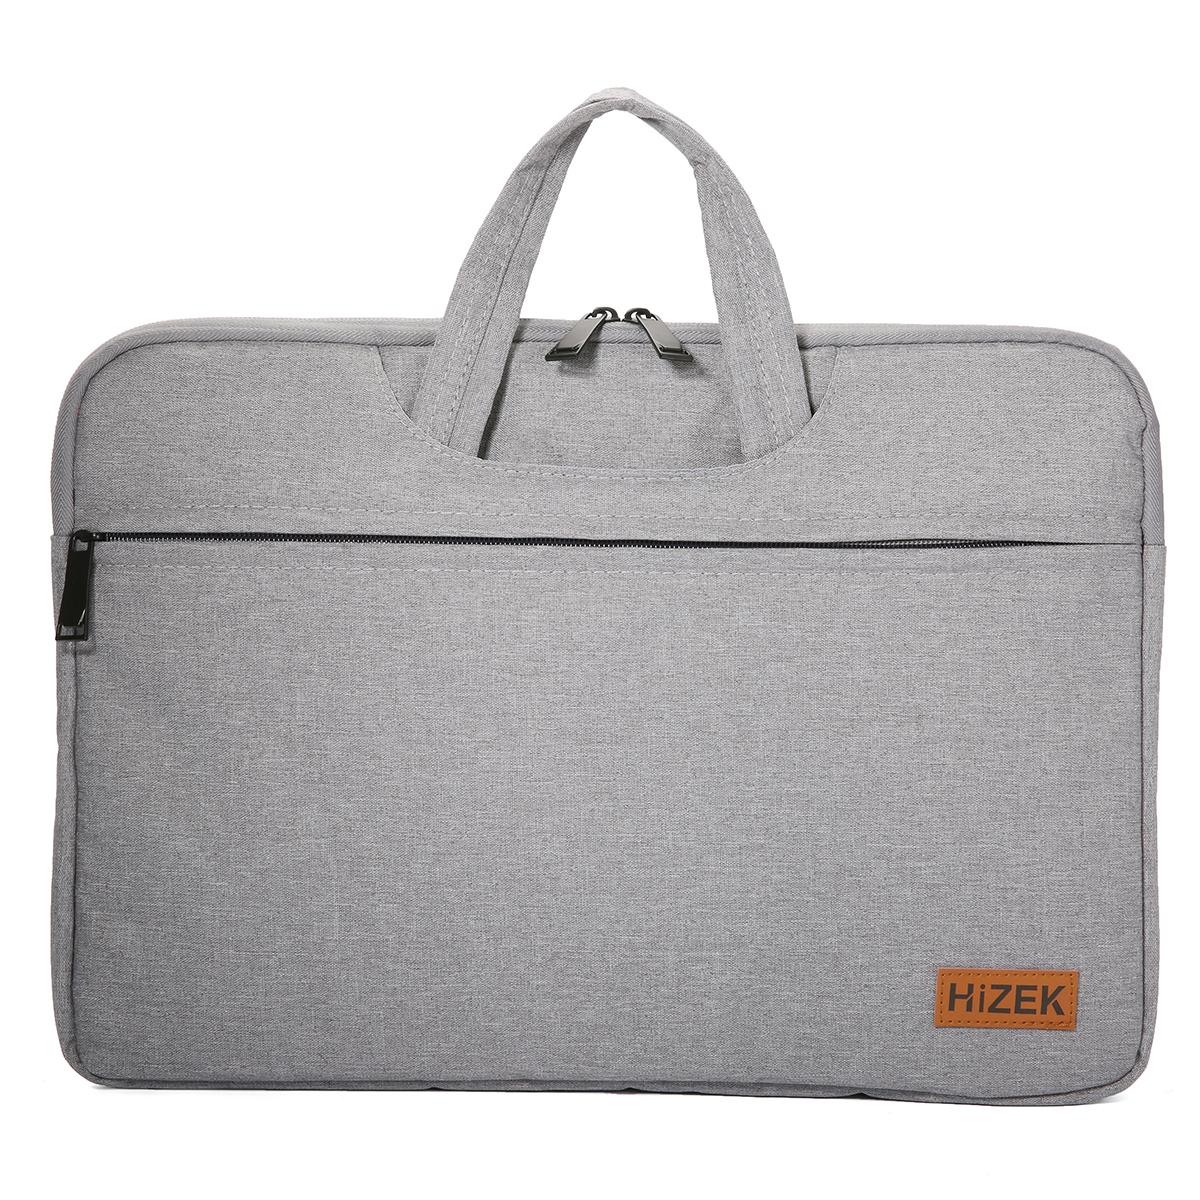 Hizek Waterproof Laptop Sleeve With Handle & Zippe